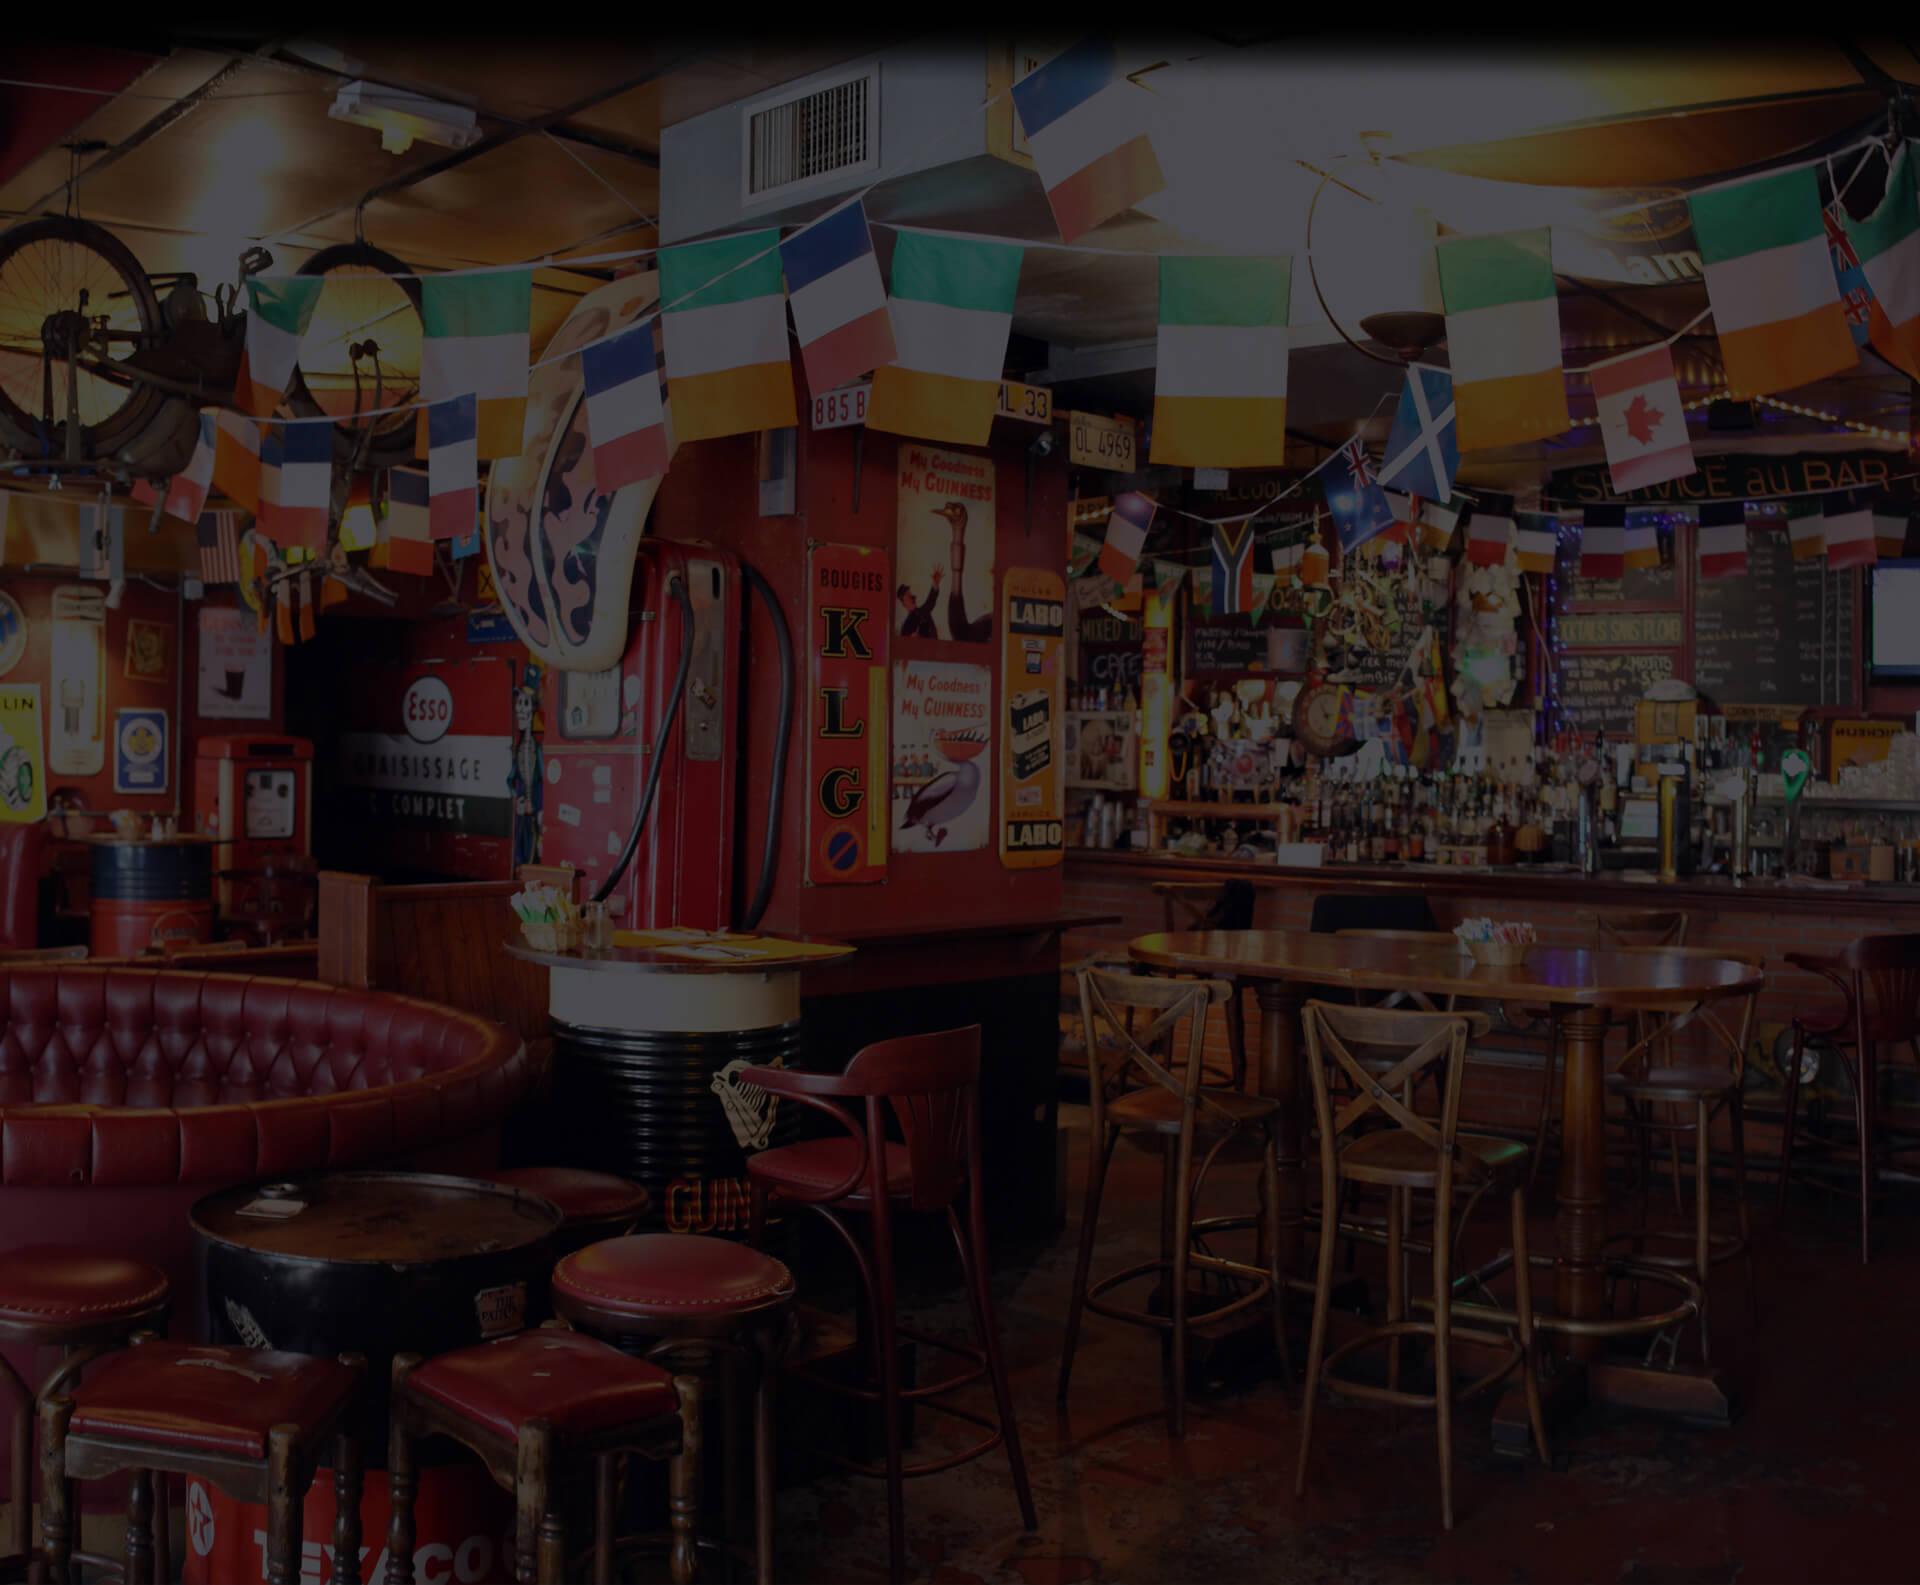 le garage bar pau pub et restaurant irlandais. Black Bedroom Furniture Sets. Home Design Ideas